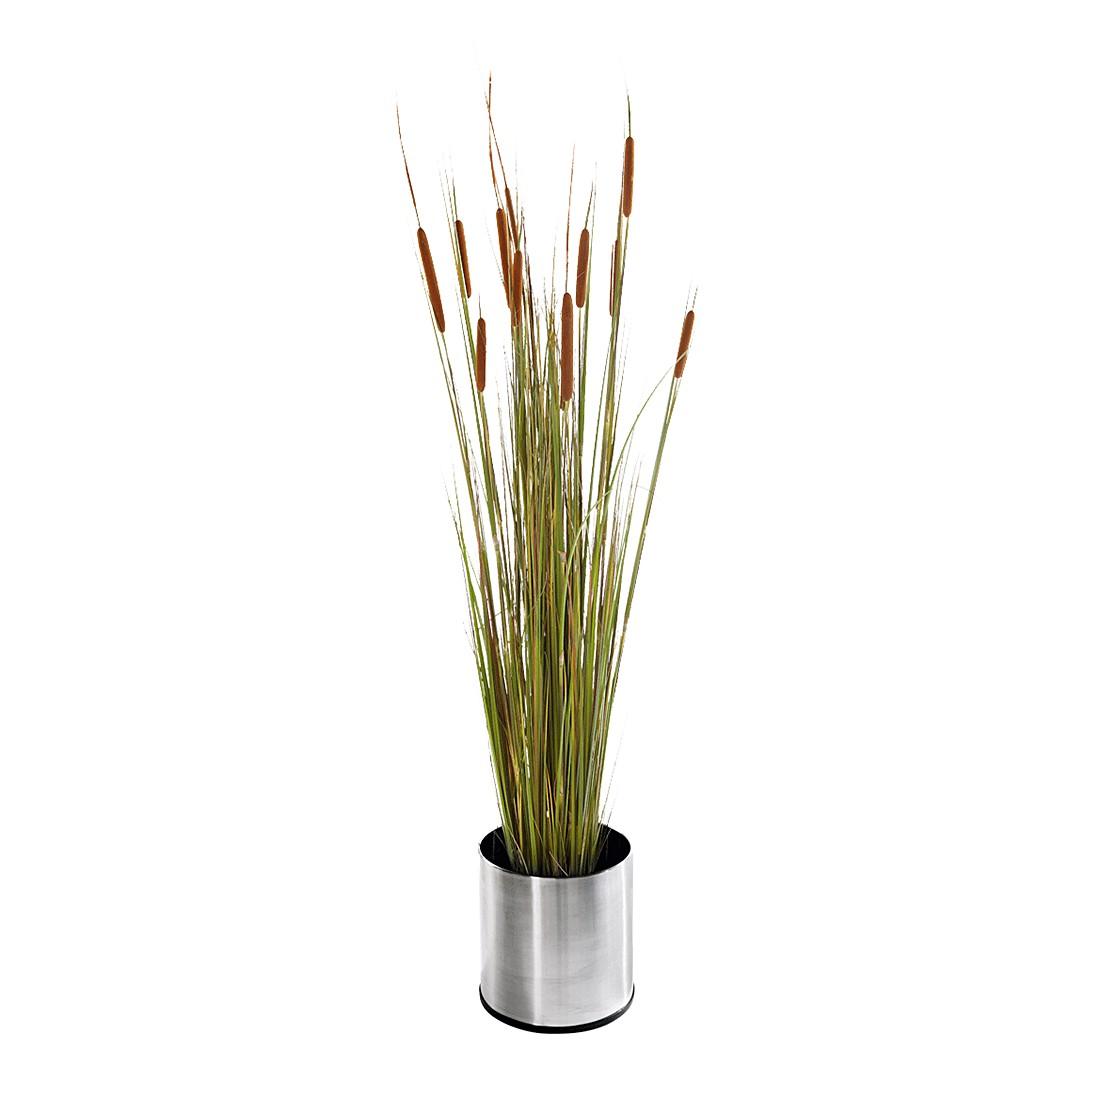 Kunstpflanze Schilf – Textil/Kunststoff – Grün, PureDay günstig bestellen